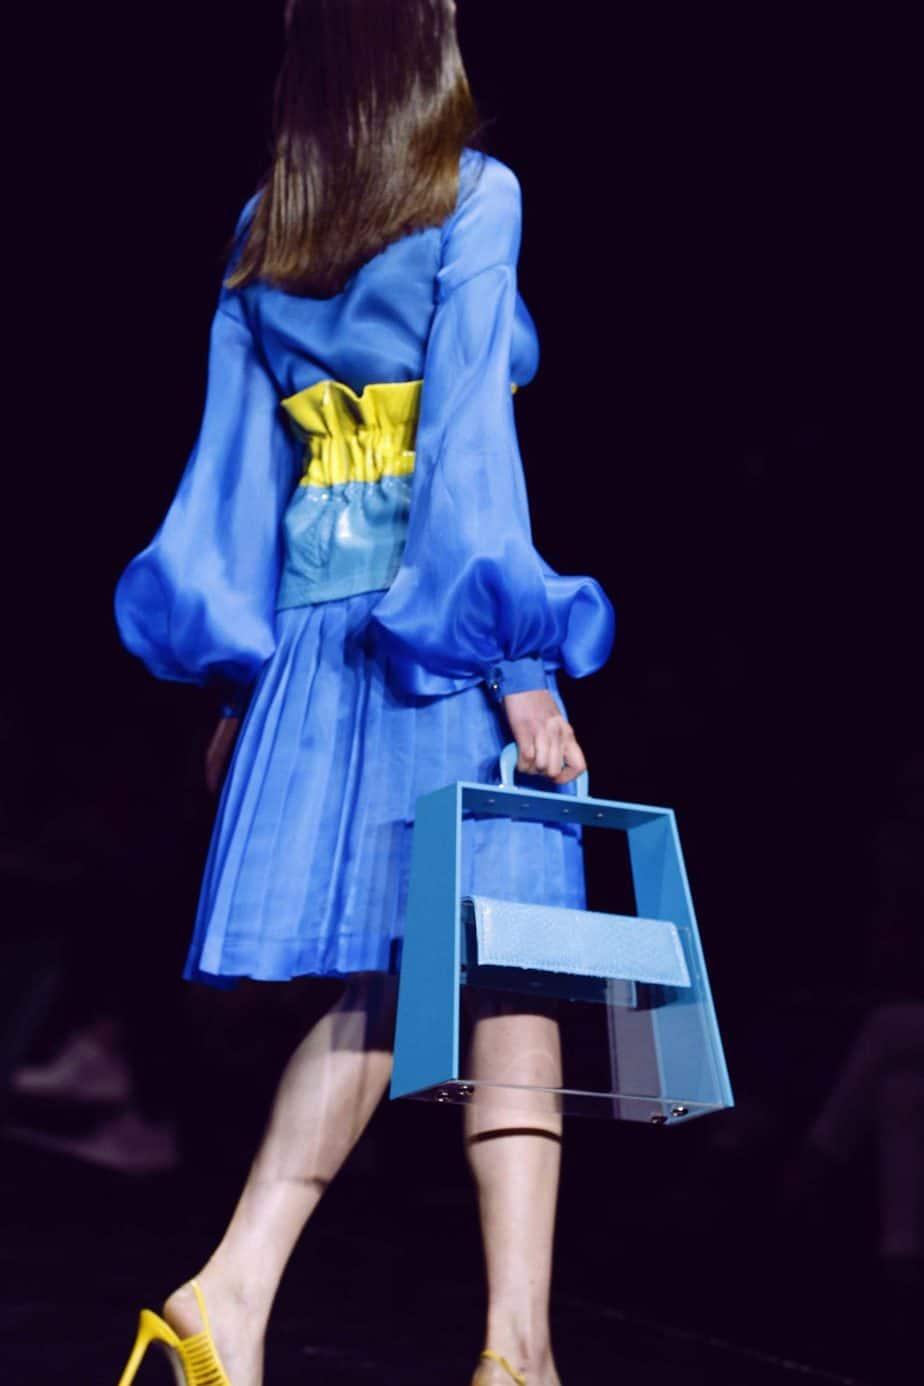 שי שלום. שבוע האופנה תל אביב 2019. צילום עומר רביבי - 10